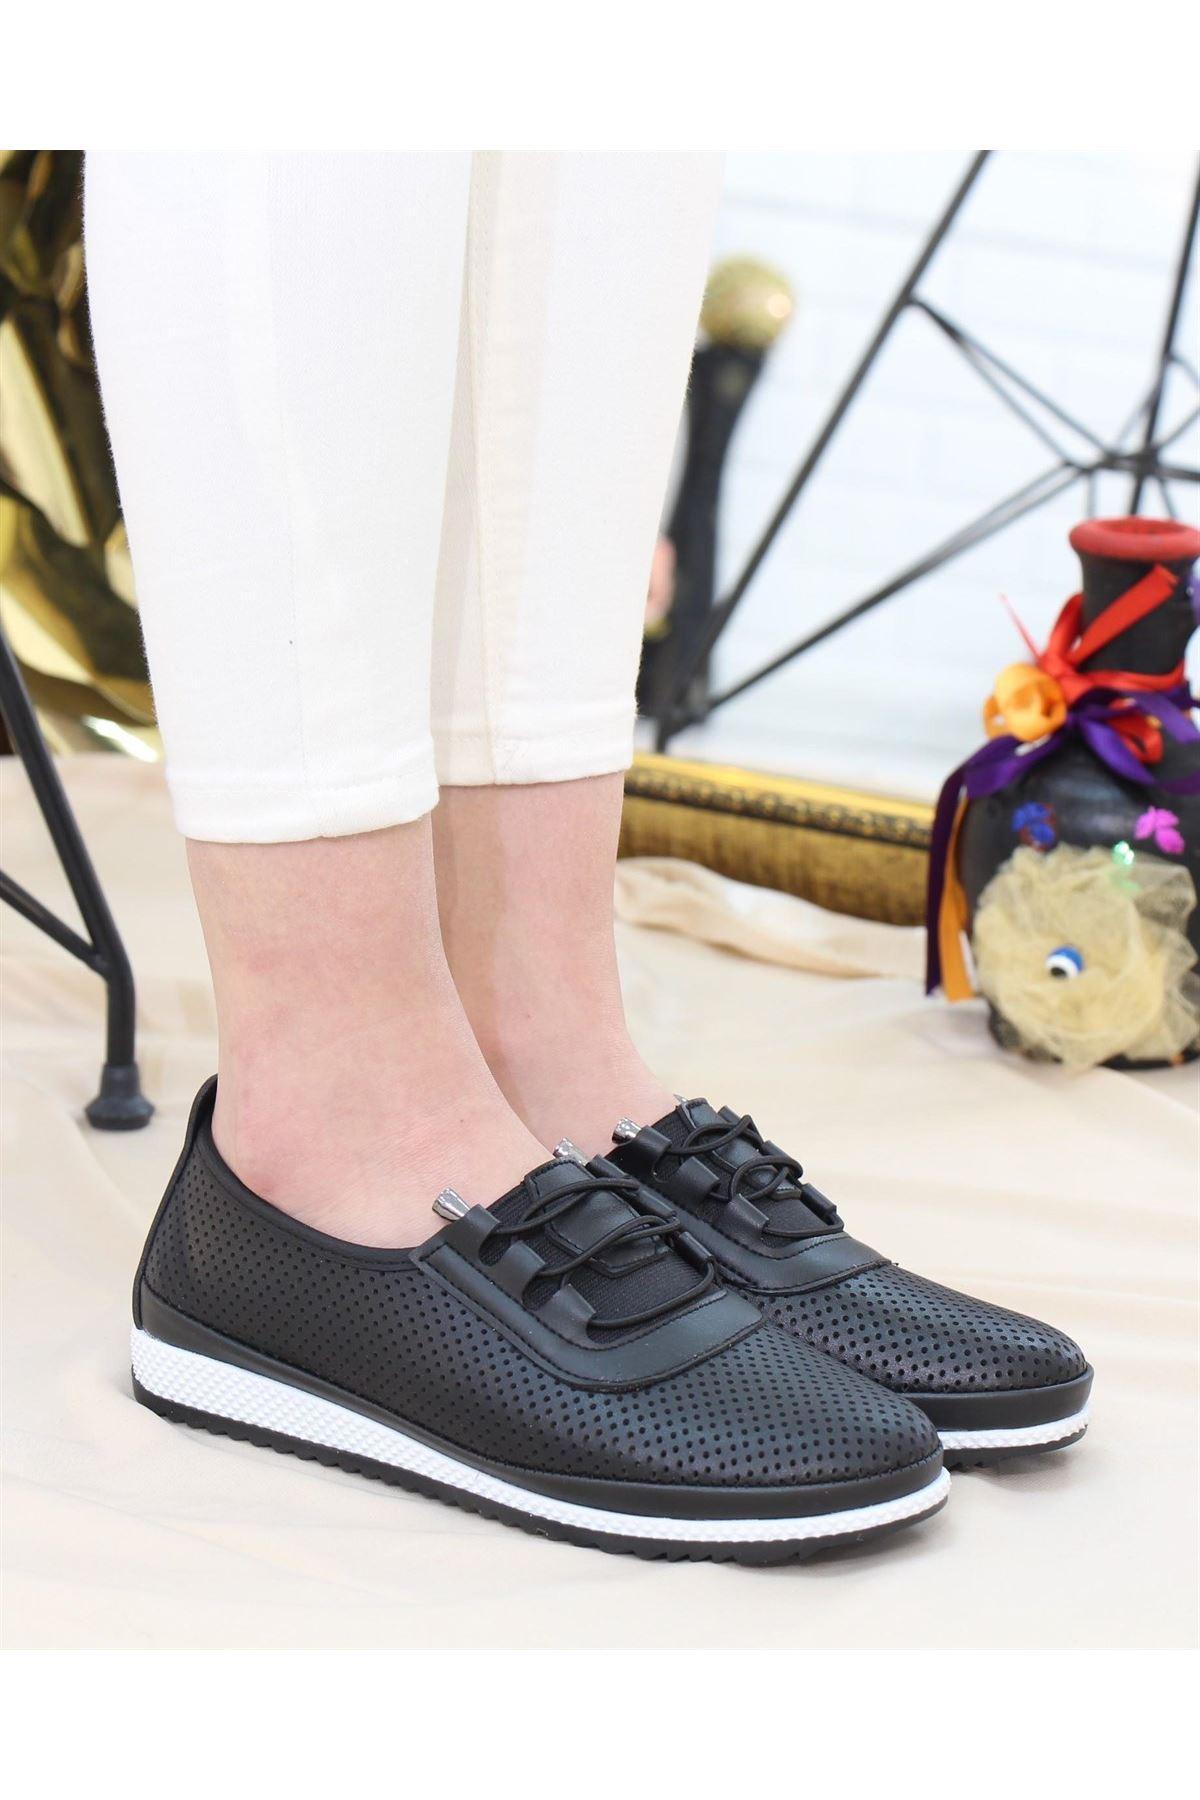 Trendayakkabı - Siyah Delikli Yazlık Kadın Babet